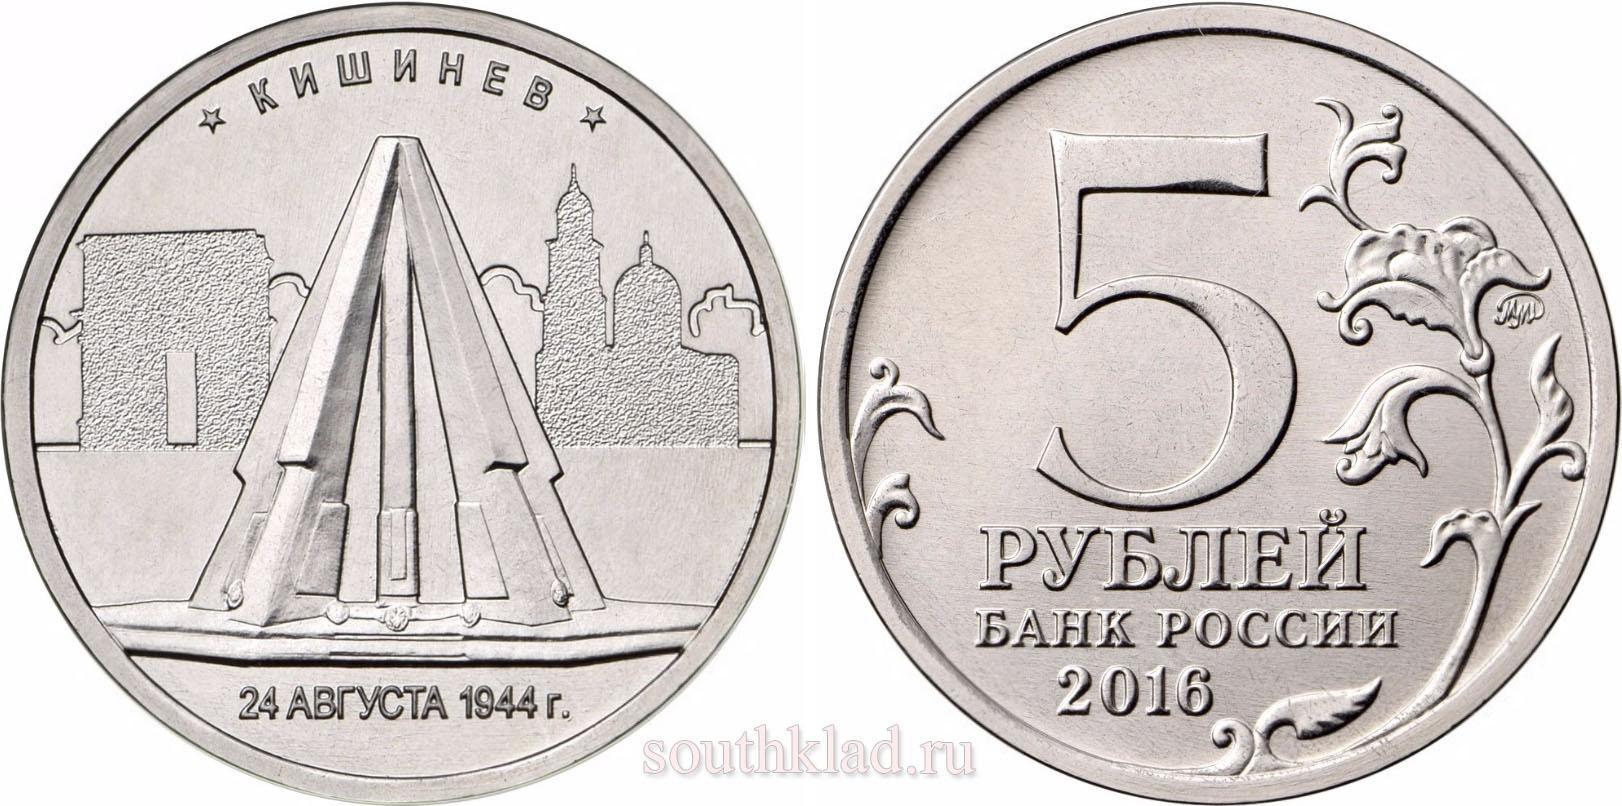 5 рублей Кишинев. 24.08.1944 г.